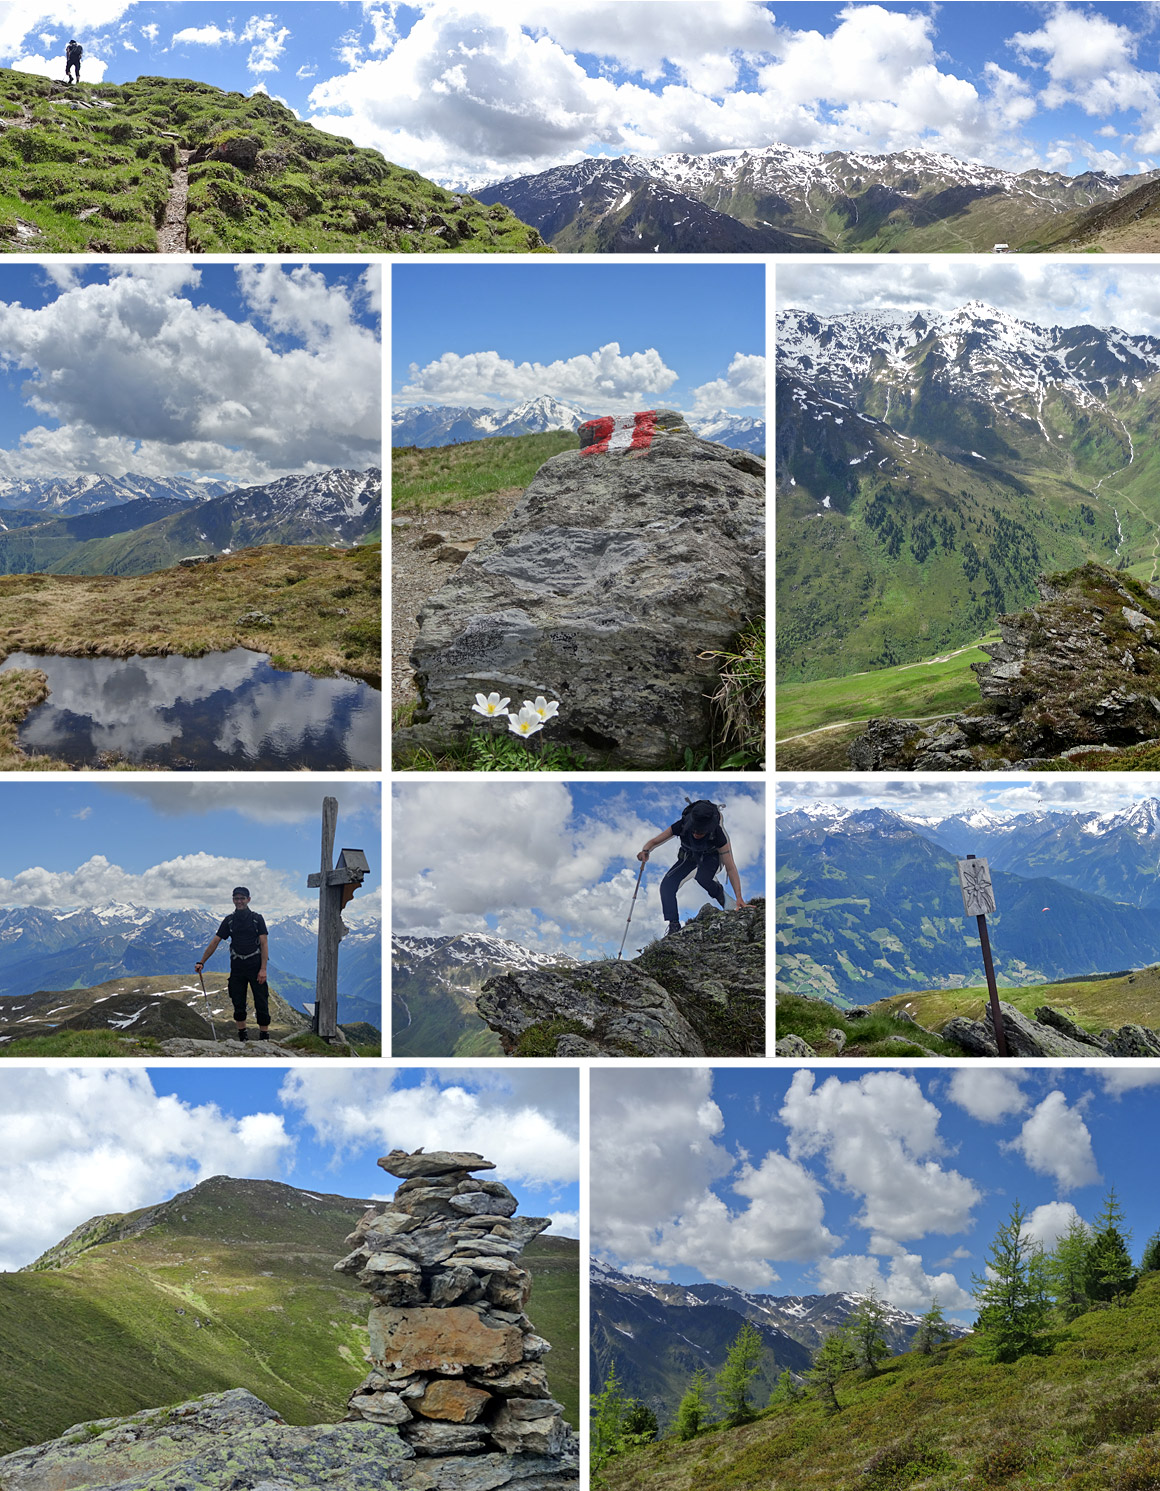 Auf dem Weg nach Mayrhofen über Doppelgipfel und Kämme